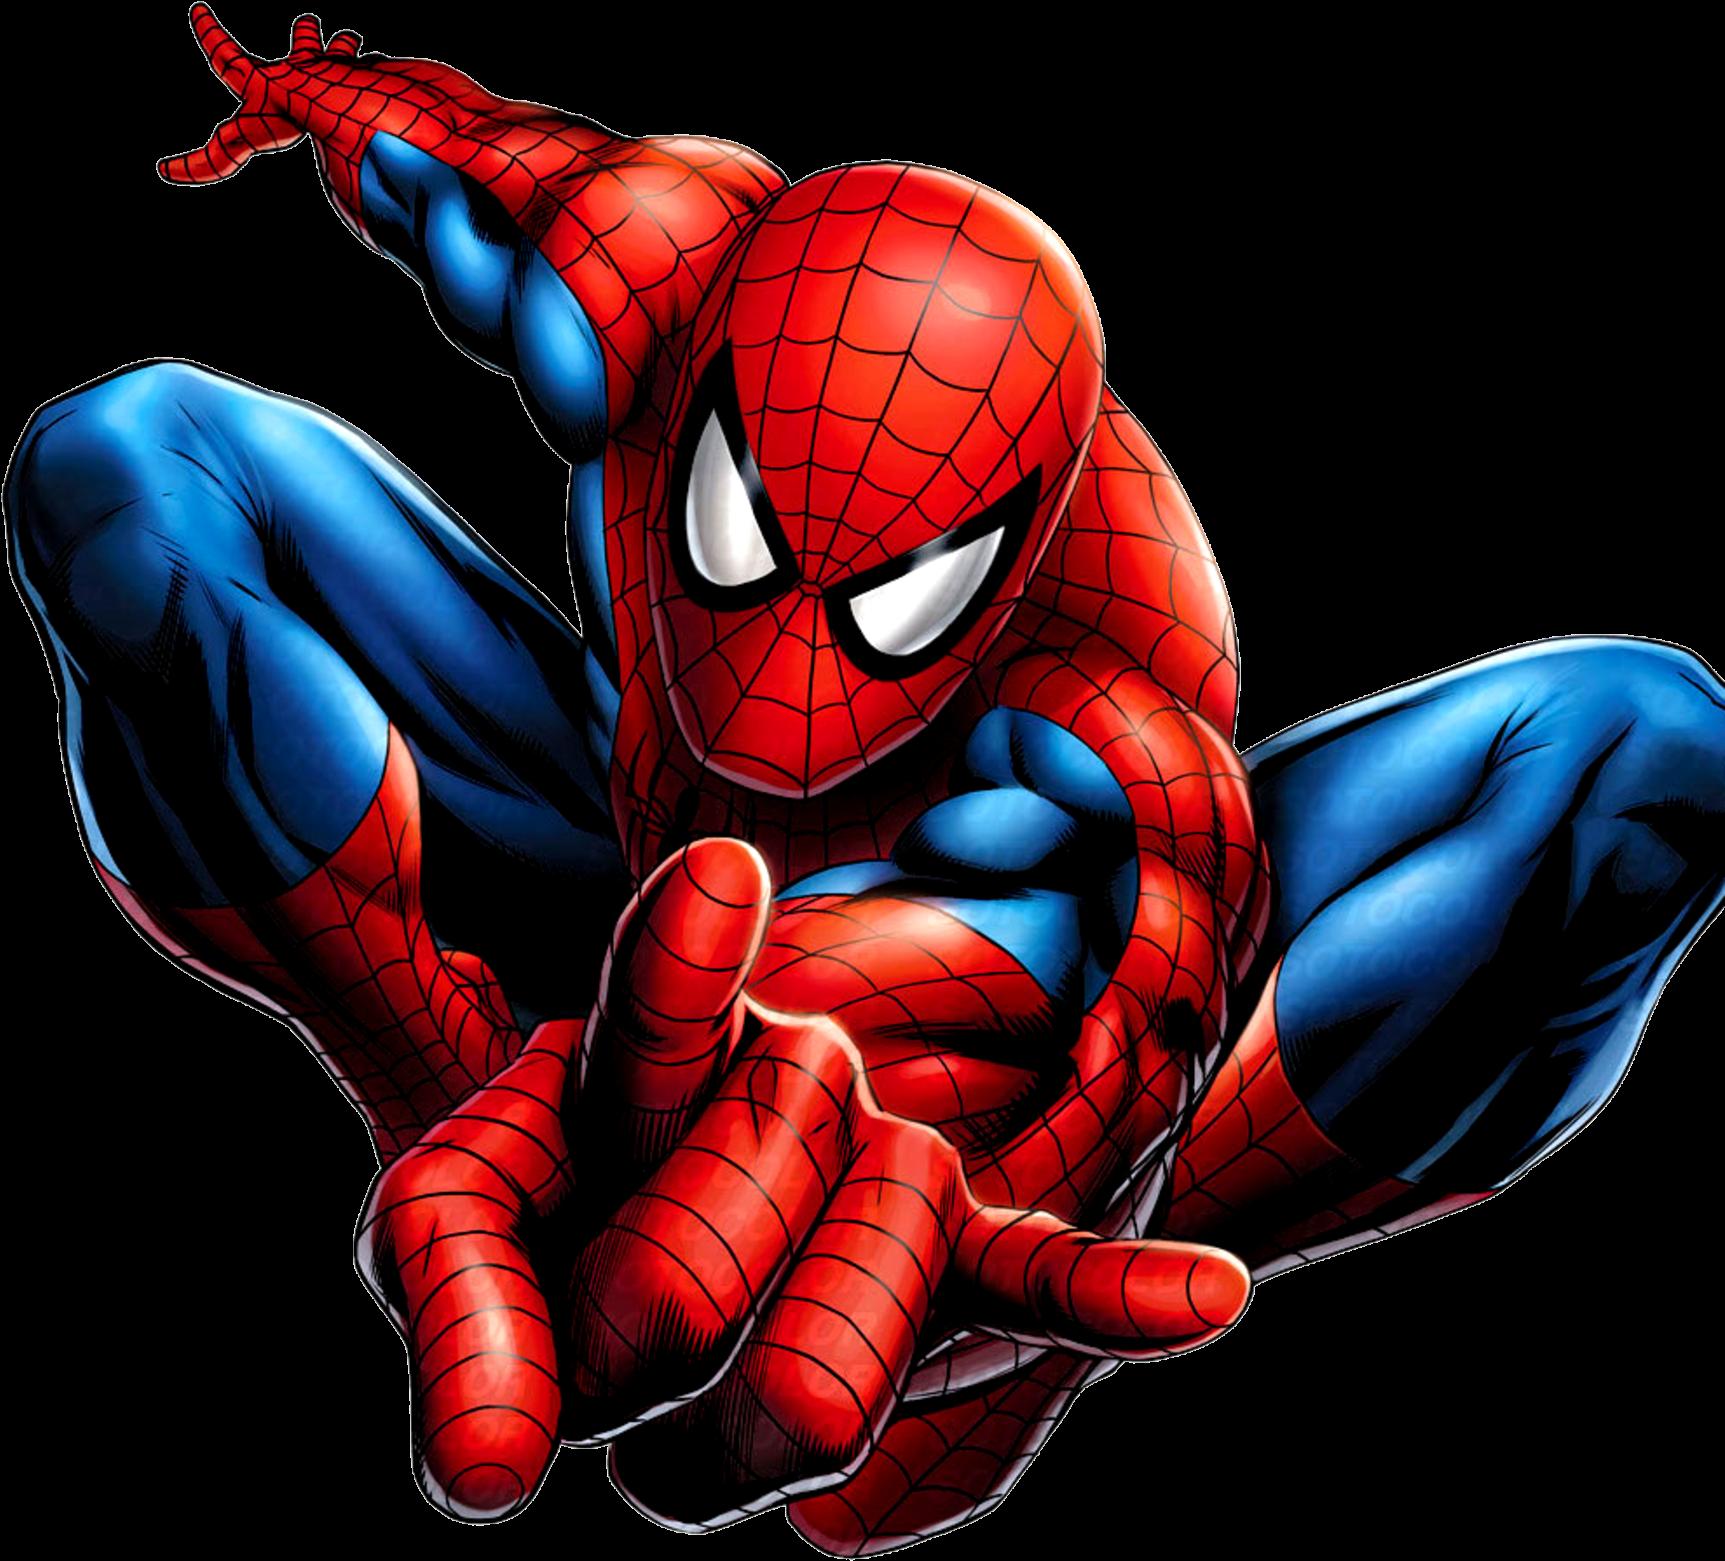 великий человек паук картинки для фона остальных